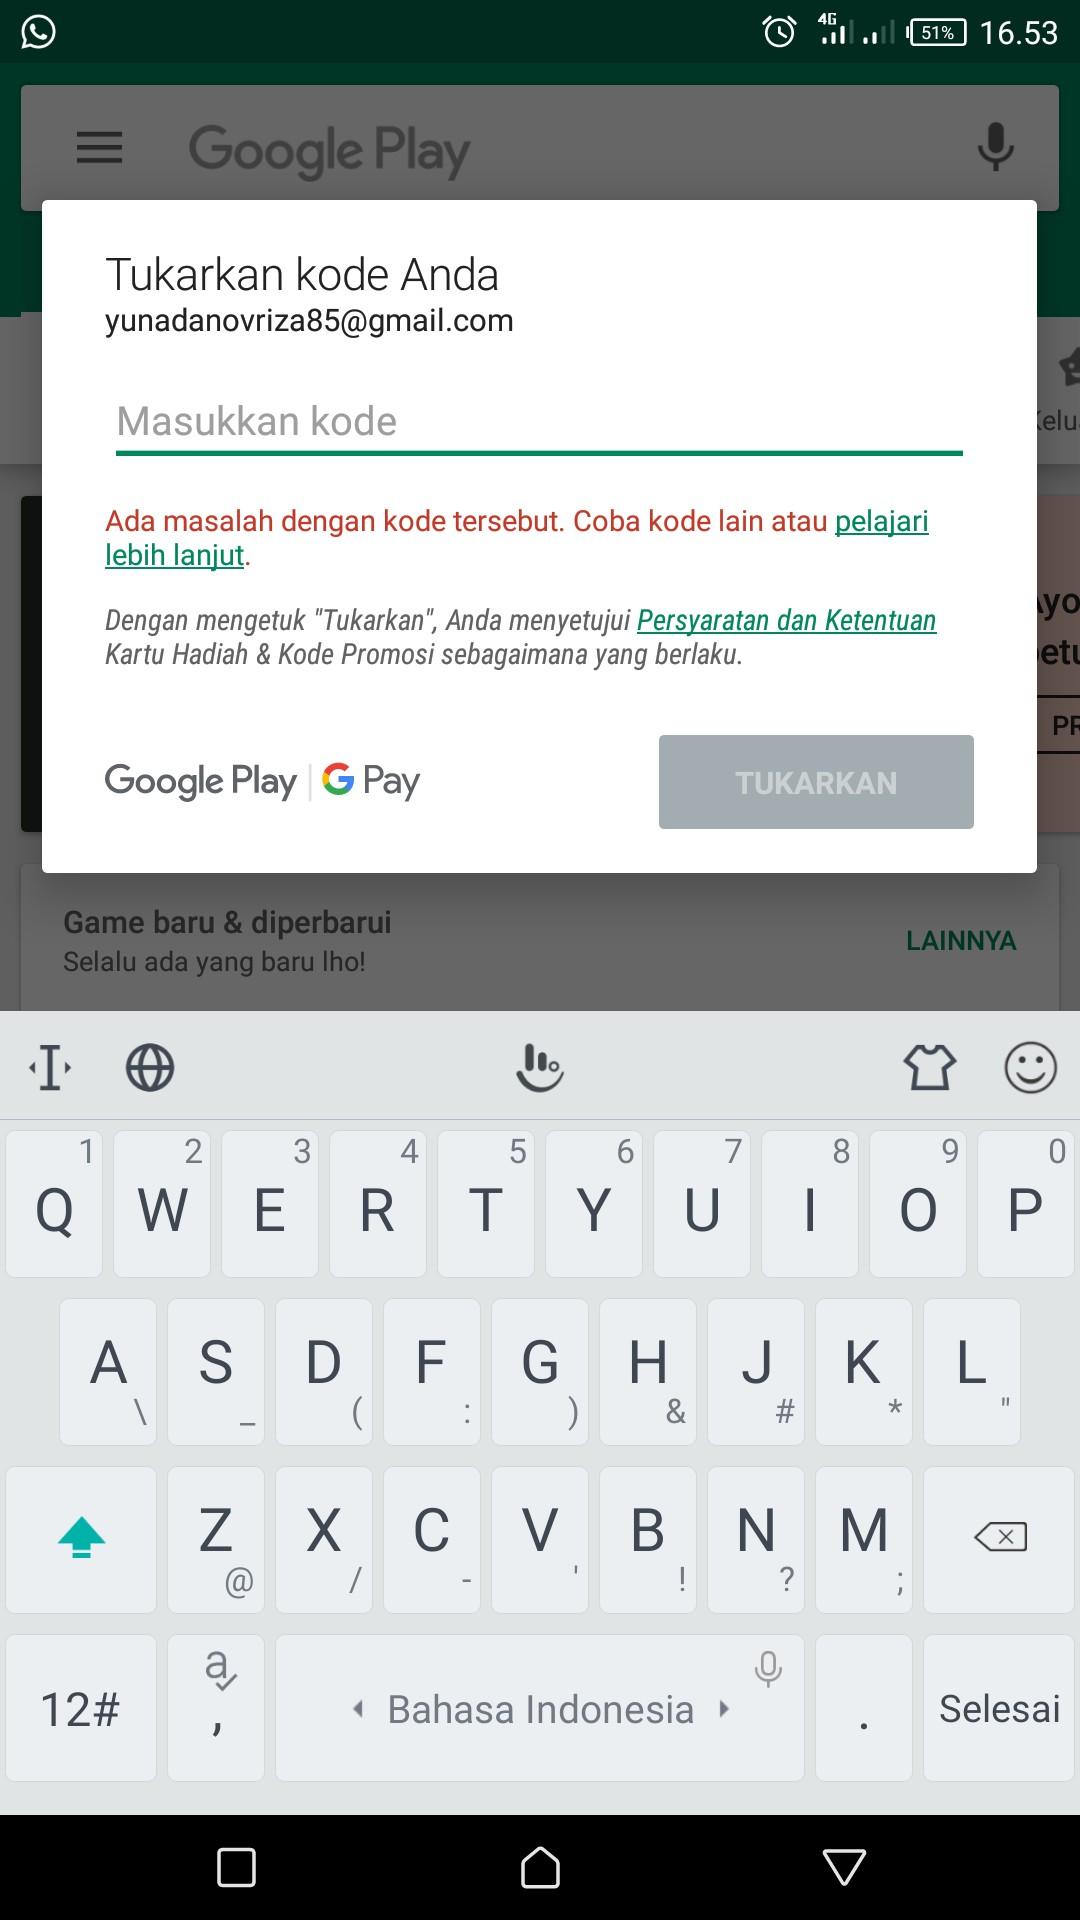 Tukar Kode Google Play Tidak Bisa Knp Ya Di Notifikasi Ada Masalah Dengan Kode Tersebut Coba Kode Komunitas Google Play